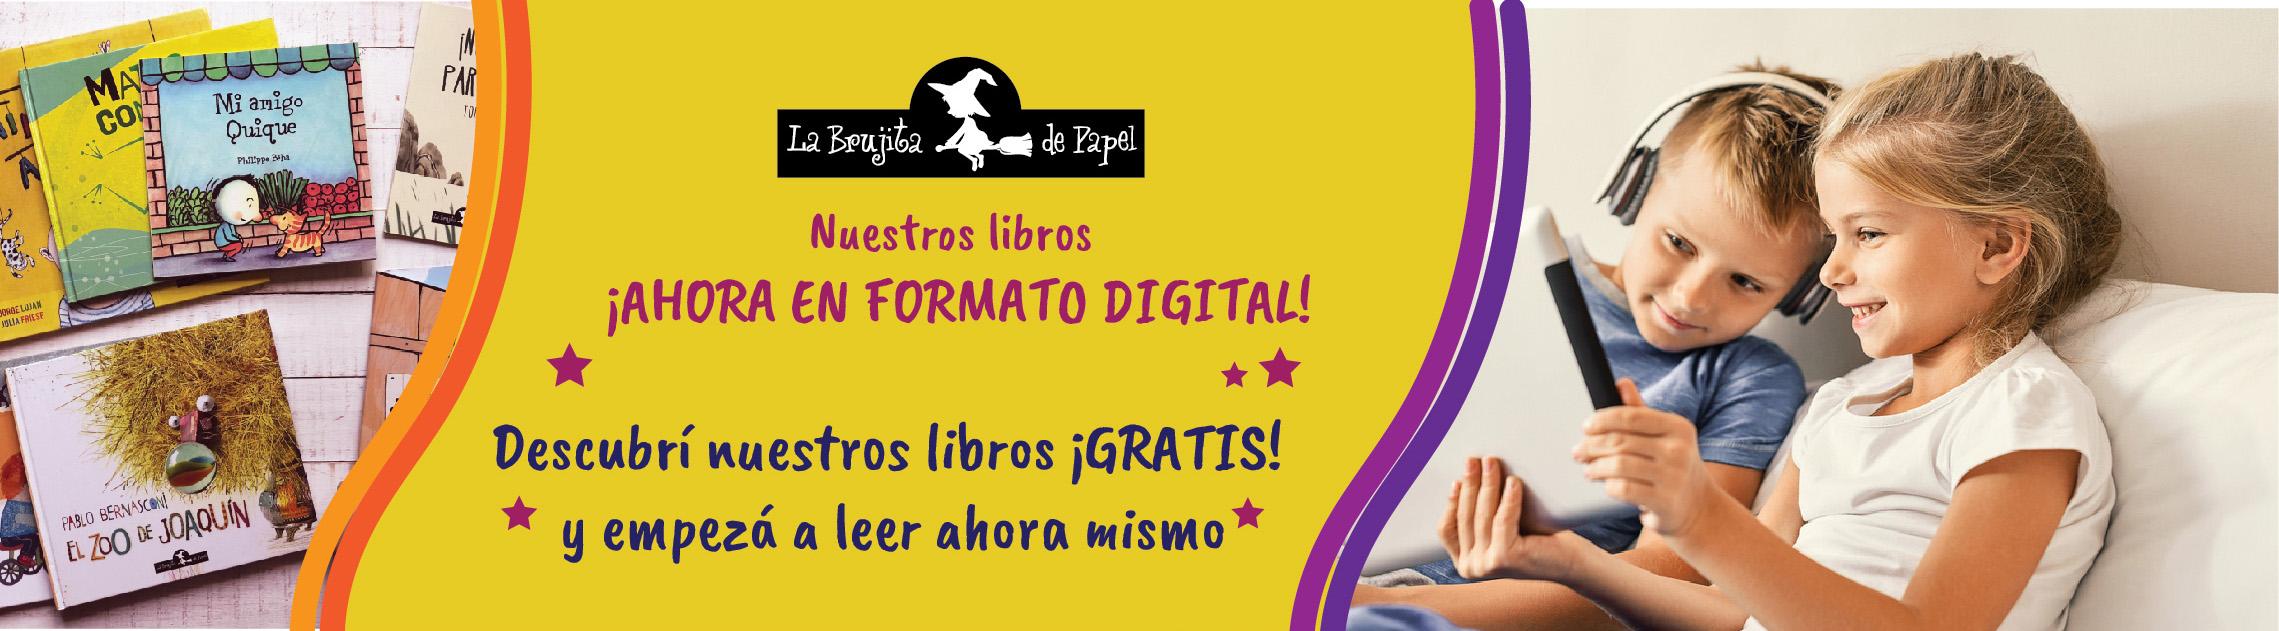 Nuestros libros ¡Ahora en formato digital!